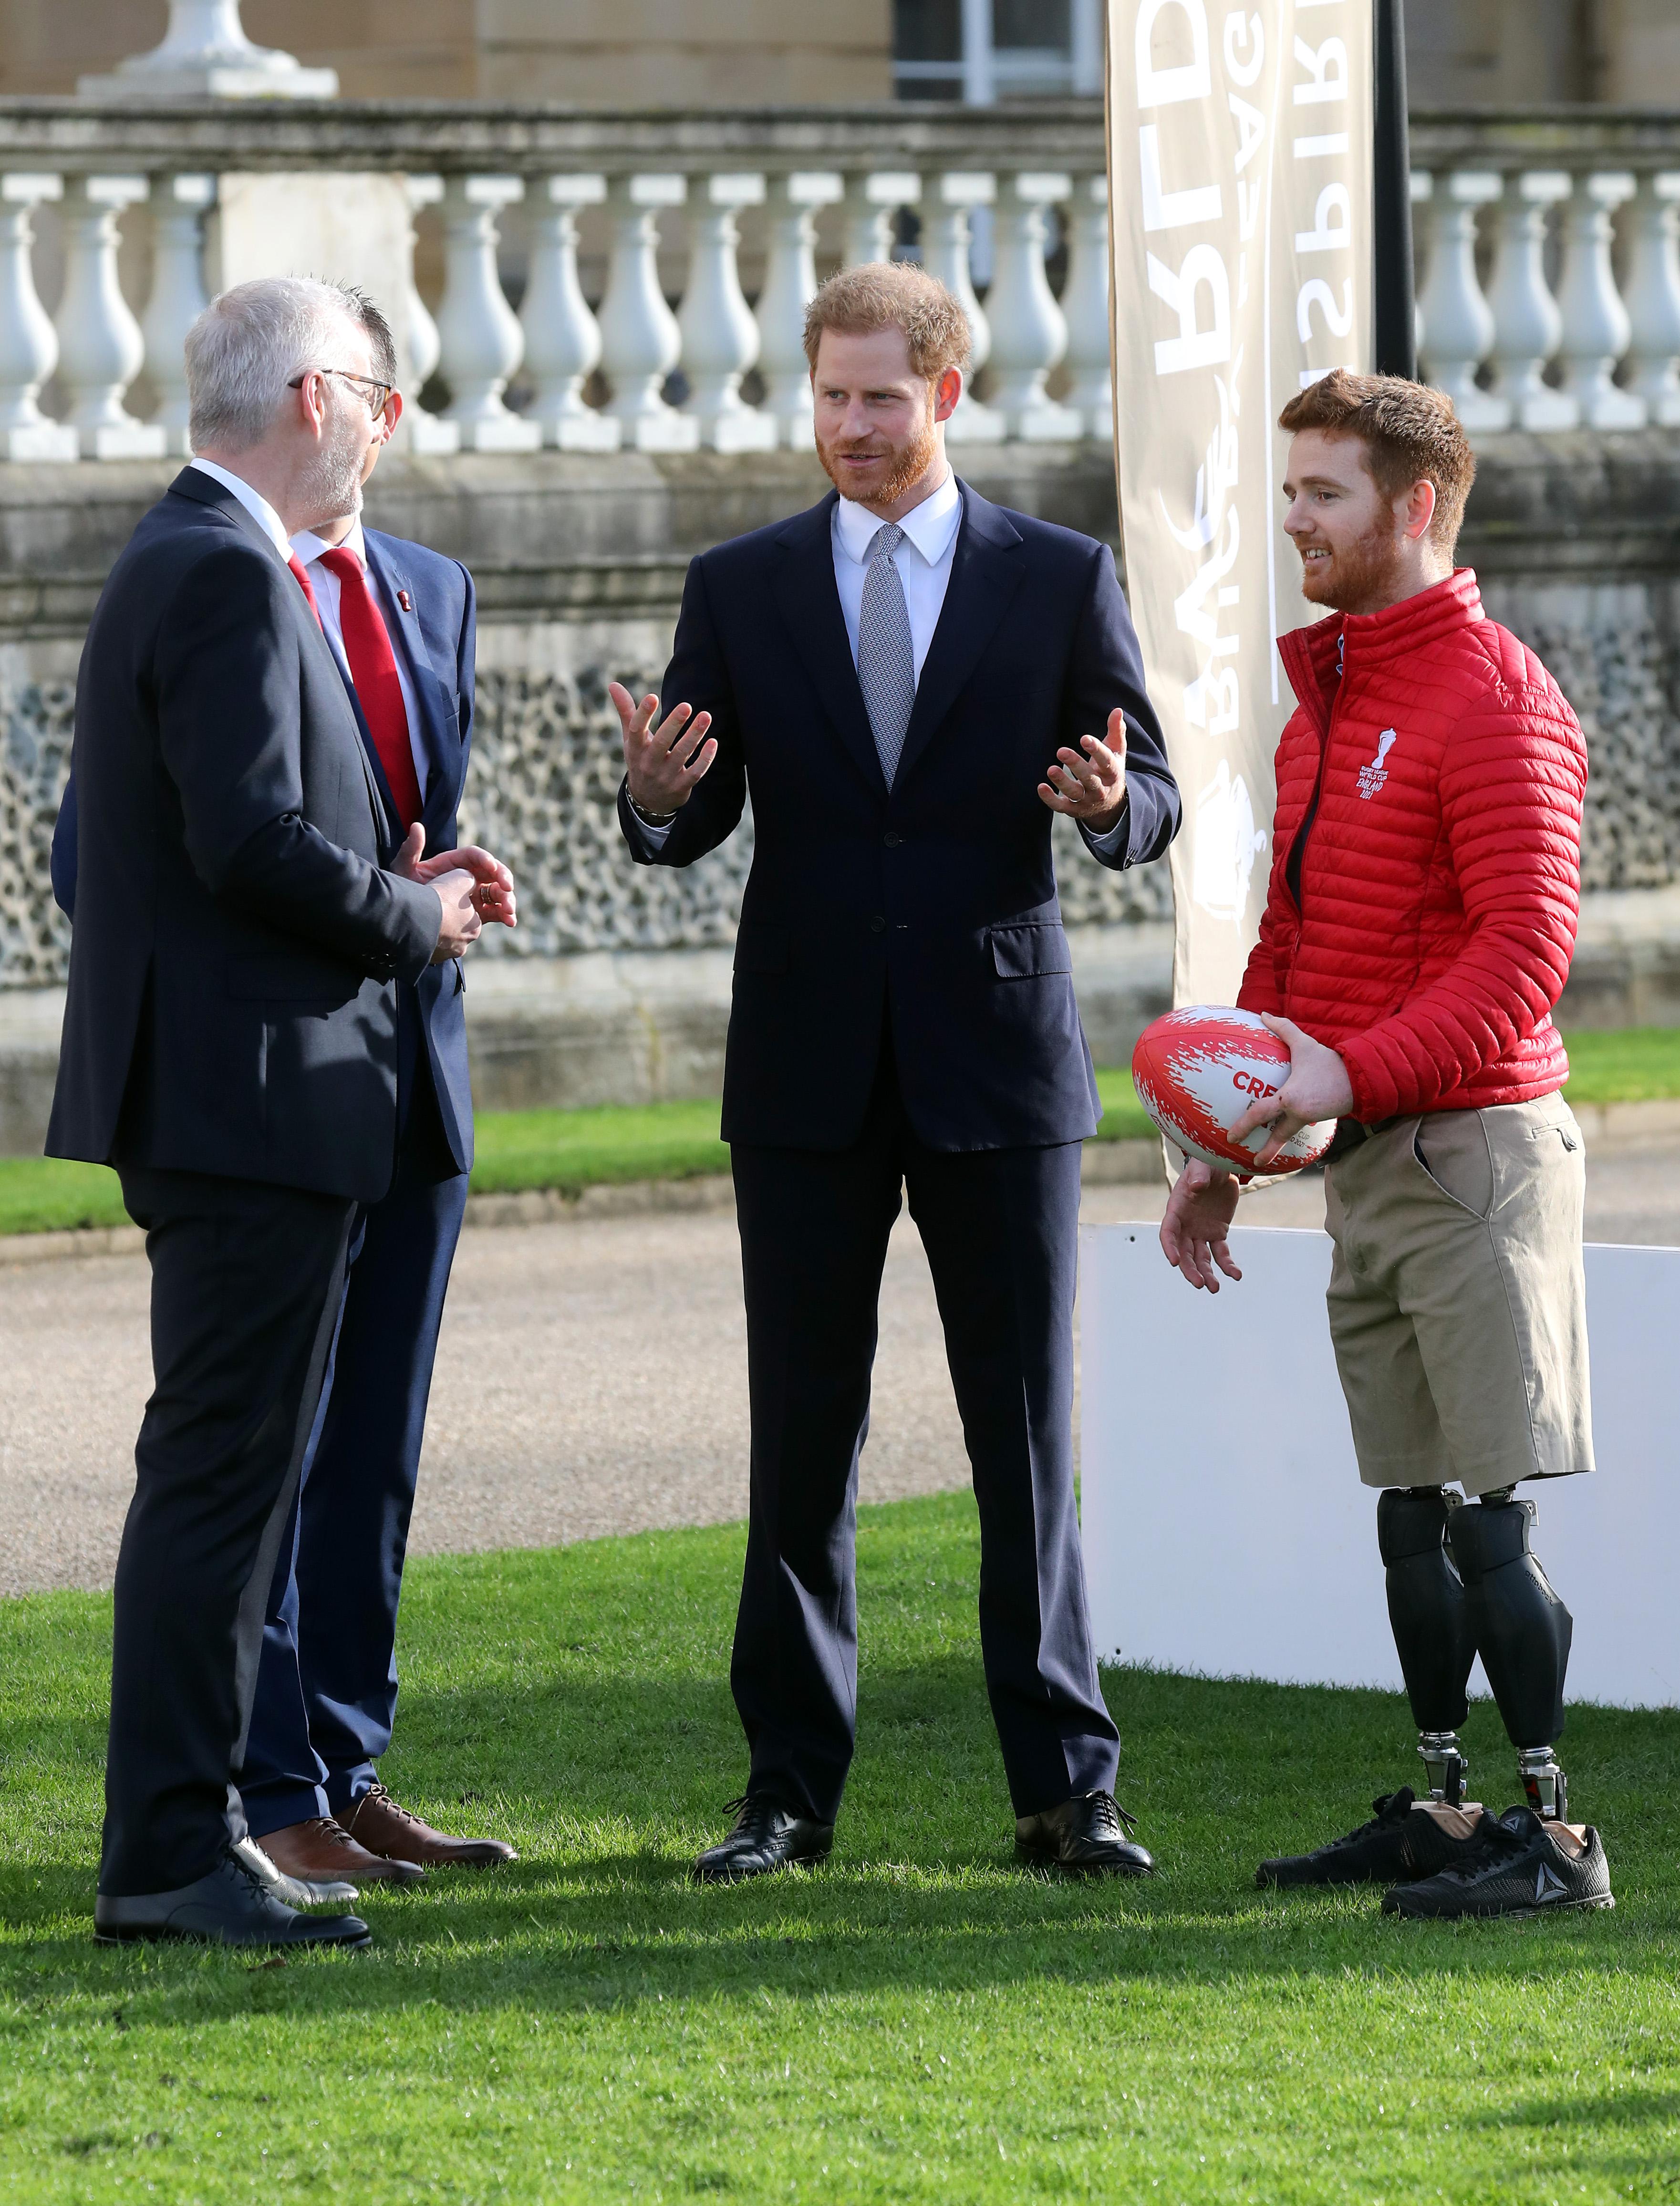 <p>Принцът наблюдава как деца играят ръгби на моравата в Бъкингамския дворец, преди да изтегли жребия за Световната купа догодина, в присъствието на спортни деятели. Херцогът на Съсекс не отговори на журналистическите въпроси относно това как вижда своето бъдеще, след разговорите с кралицата, баща му и брат му в понеделник.</p>